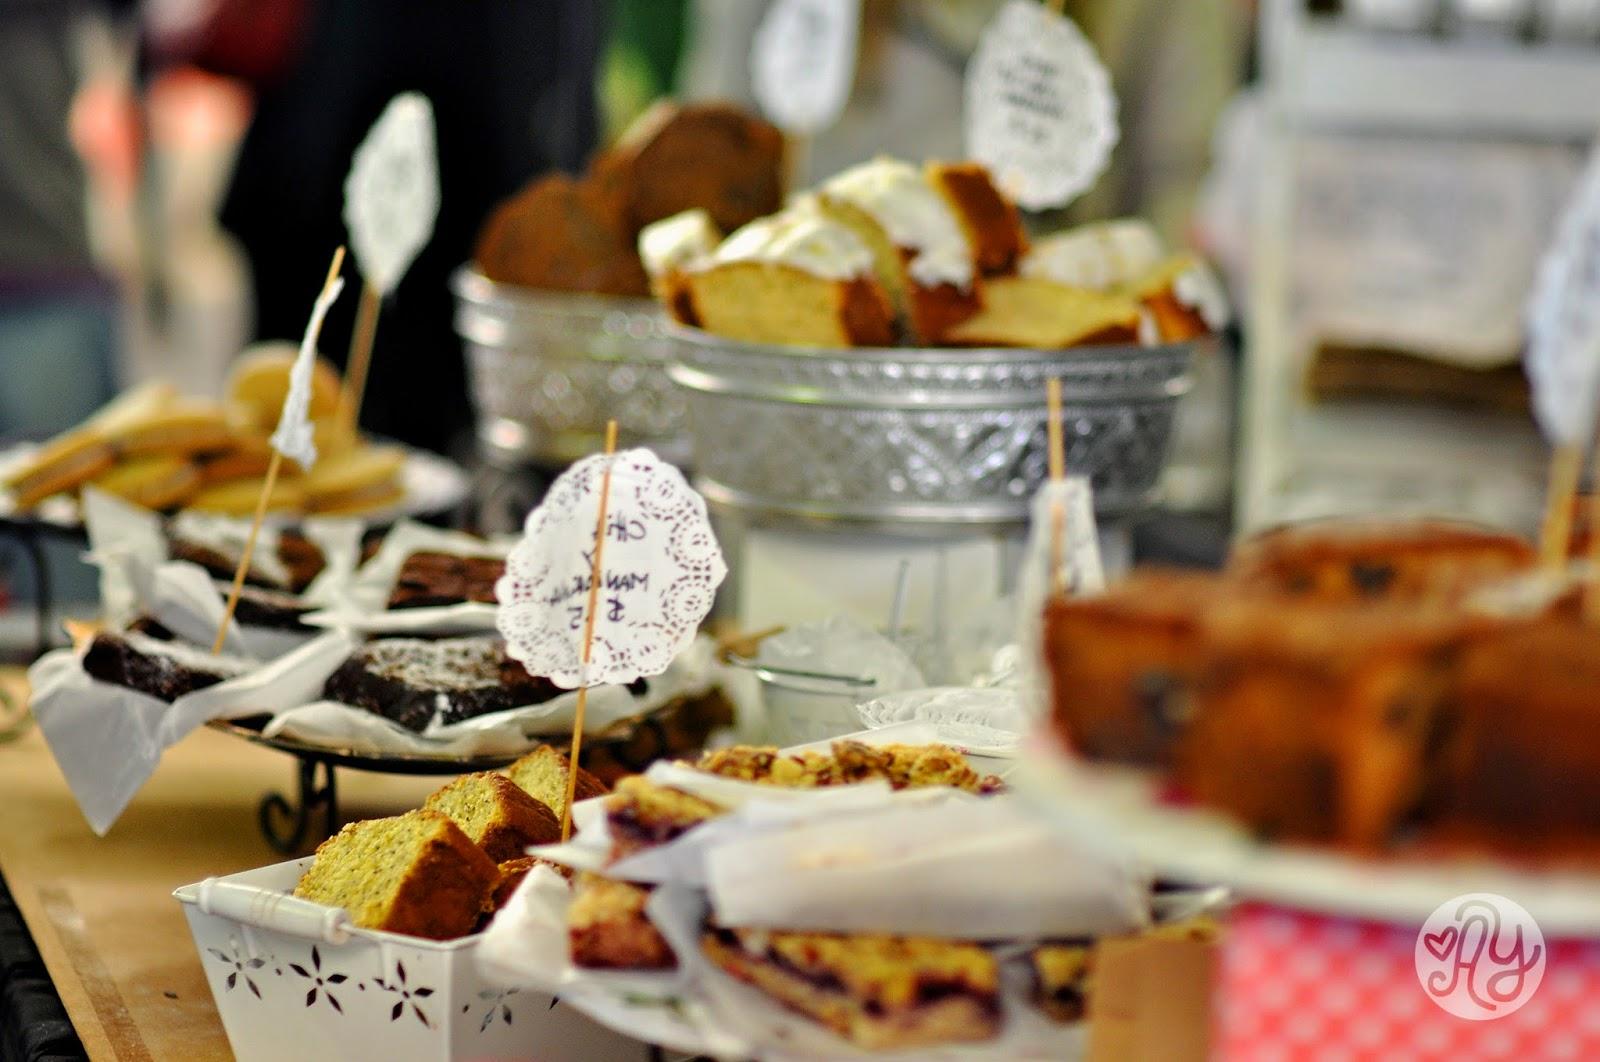 Puesto de pasteleria Moii en la feria de comida Buenos Aires Market